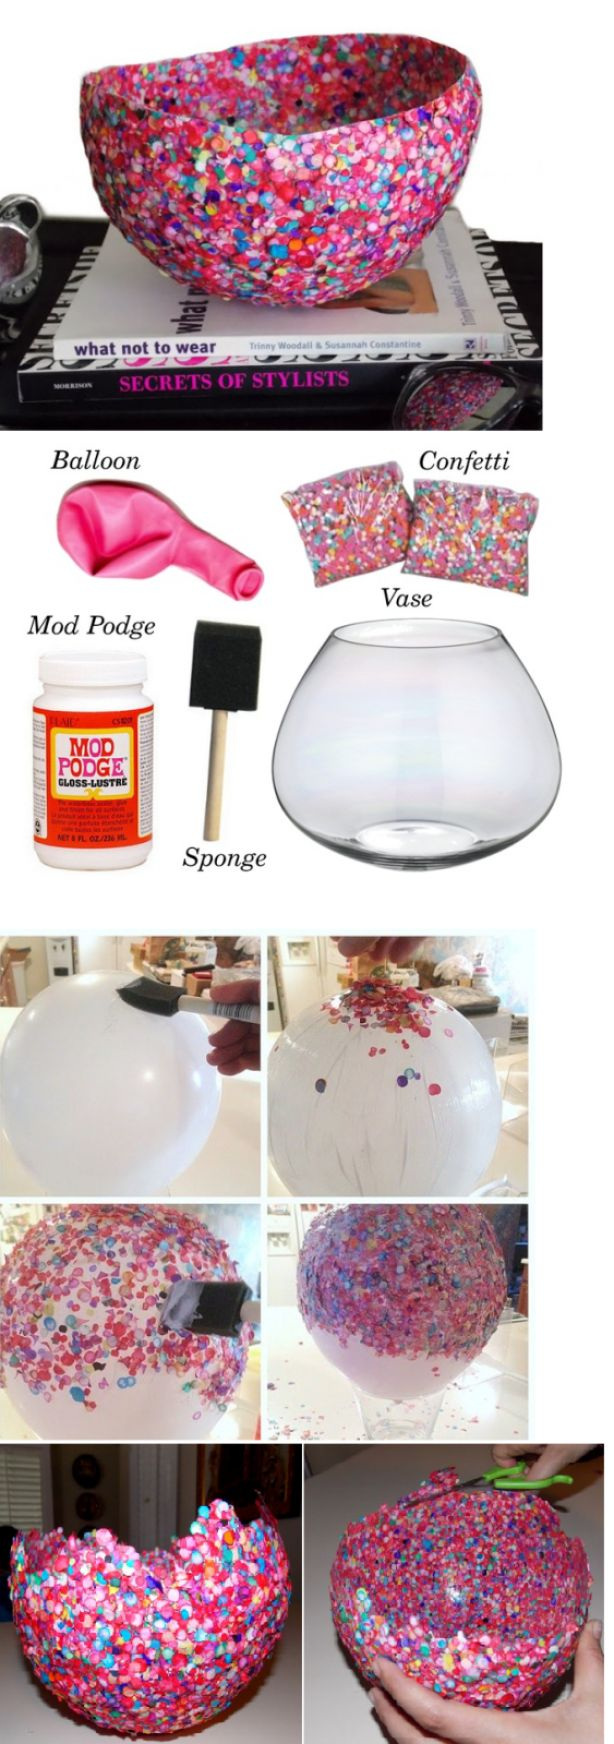 Schaal van confetti, mod podge kun je maken door witte kinderlijm met evenveel water te vermengen(schudden)